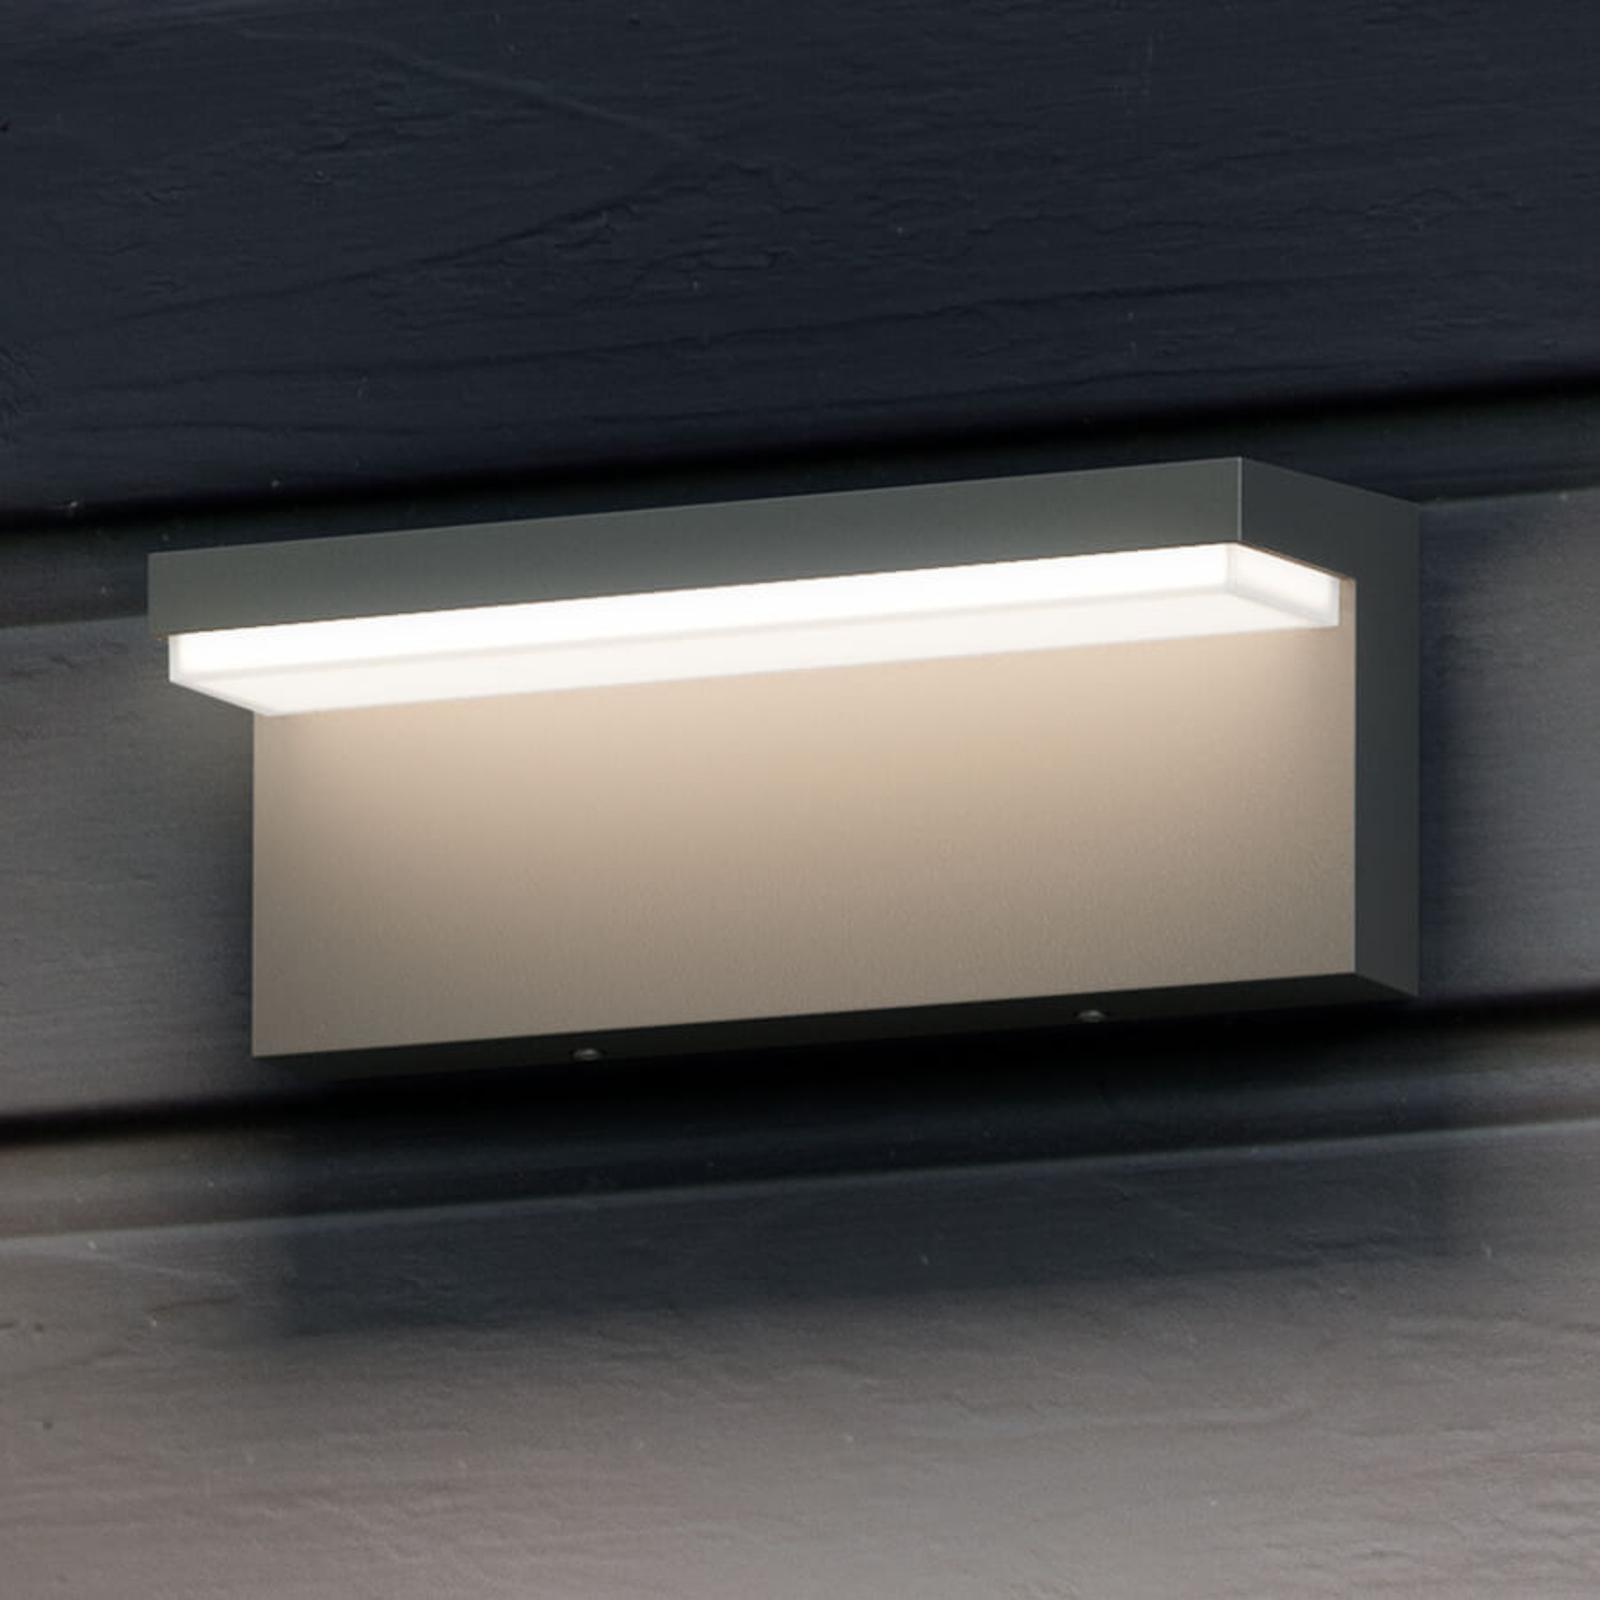 Bustan kantete utendørs LED vegglampe